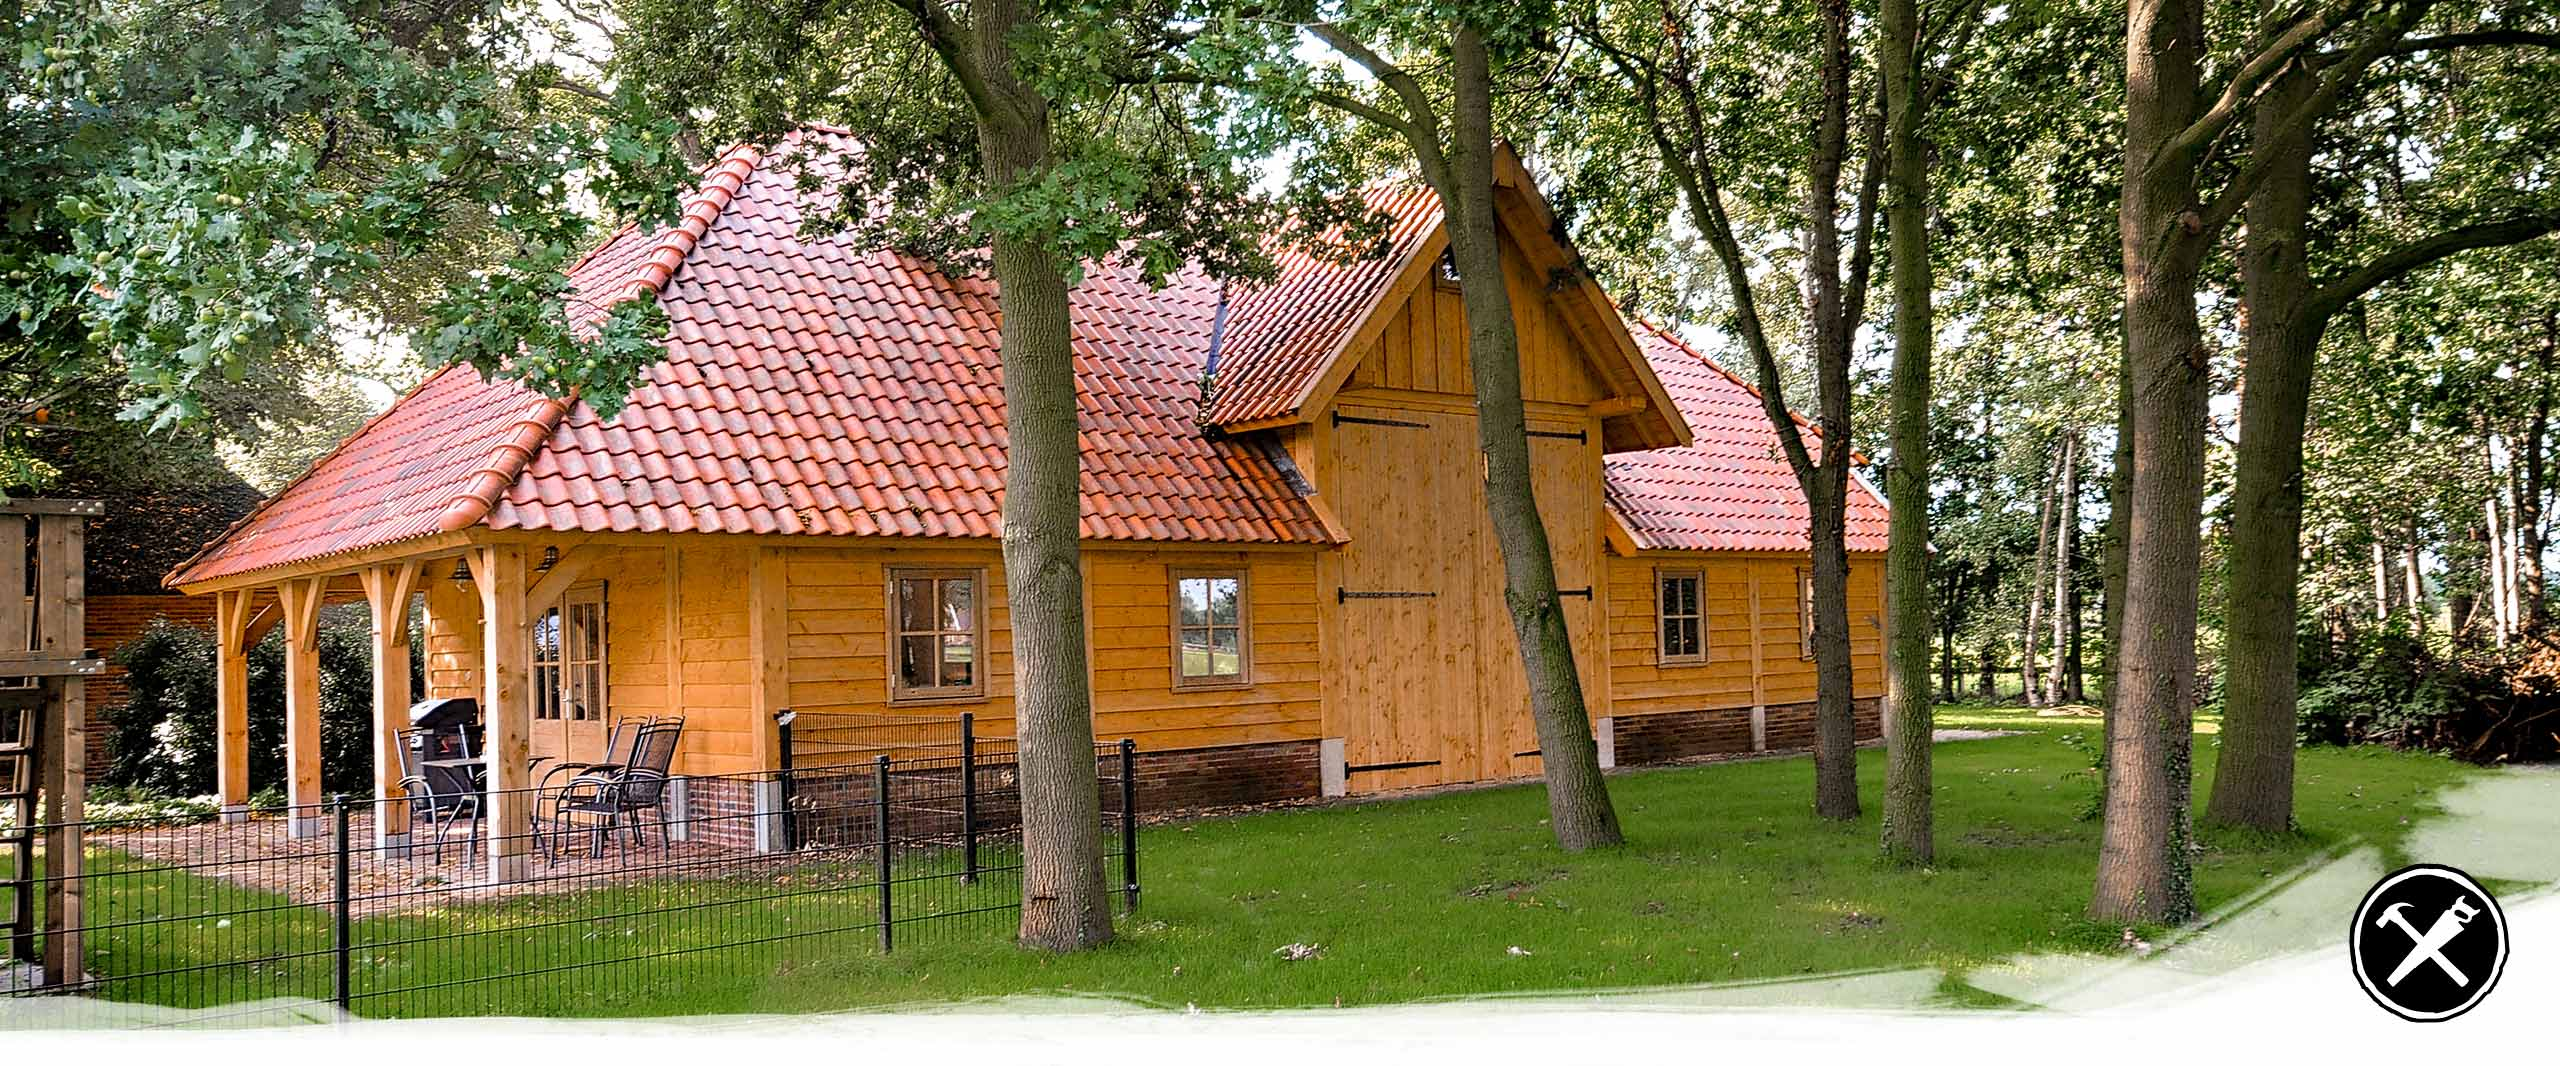 Douglas Houten Doorijschuur met camperstalling in Haaksbergen gerealiseerd door Henk Bennink Exclusieve Houtbouw